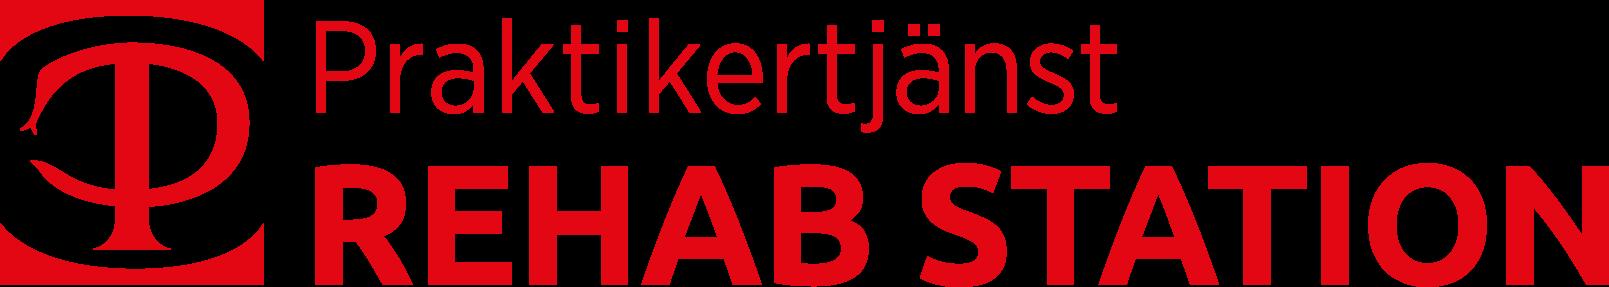 Rehab Station Stockholms logga